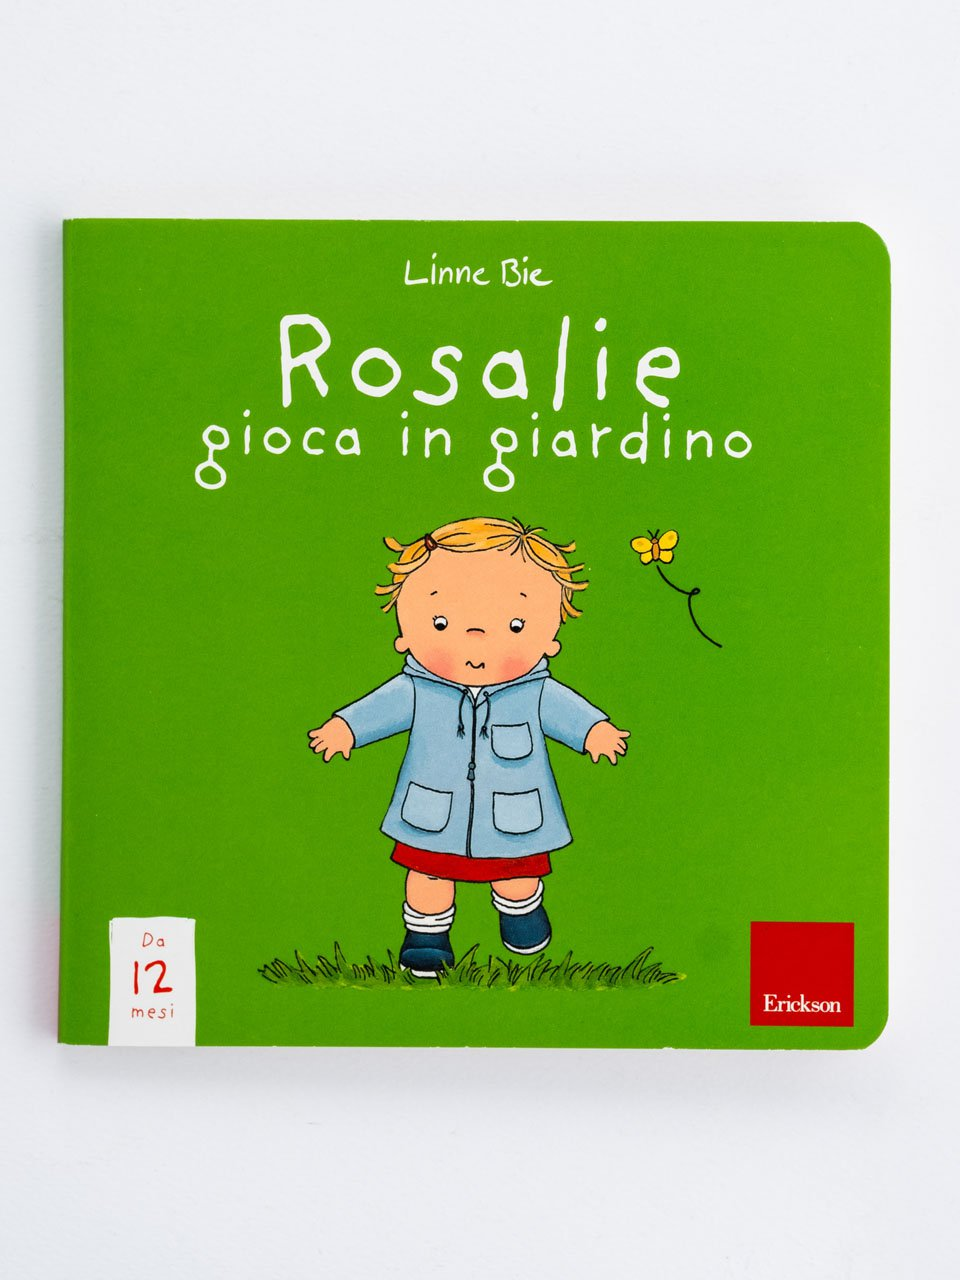 Rosalie gioca in giardino - Quattro stagioni per giocare - Libri - Erickson